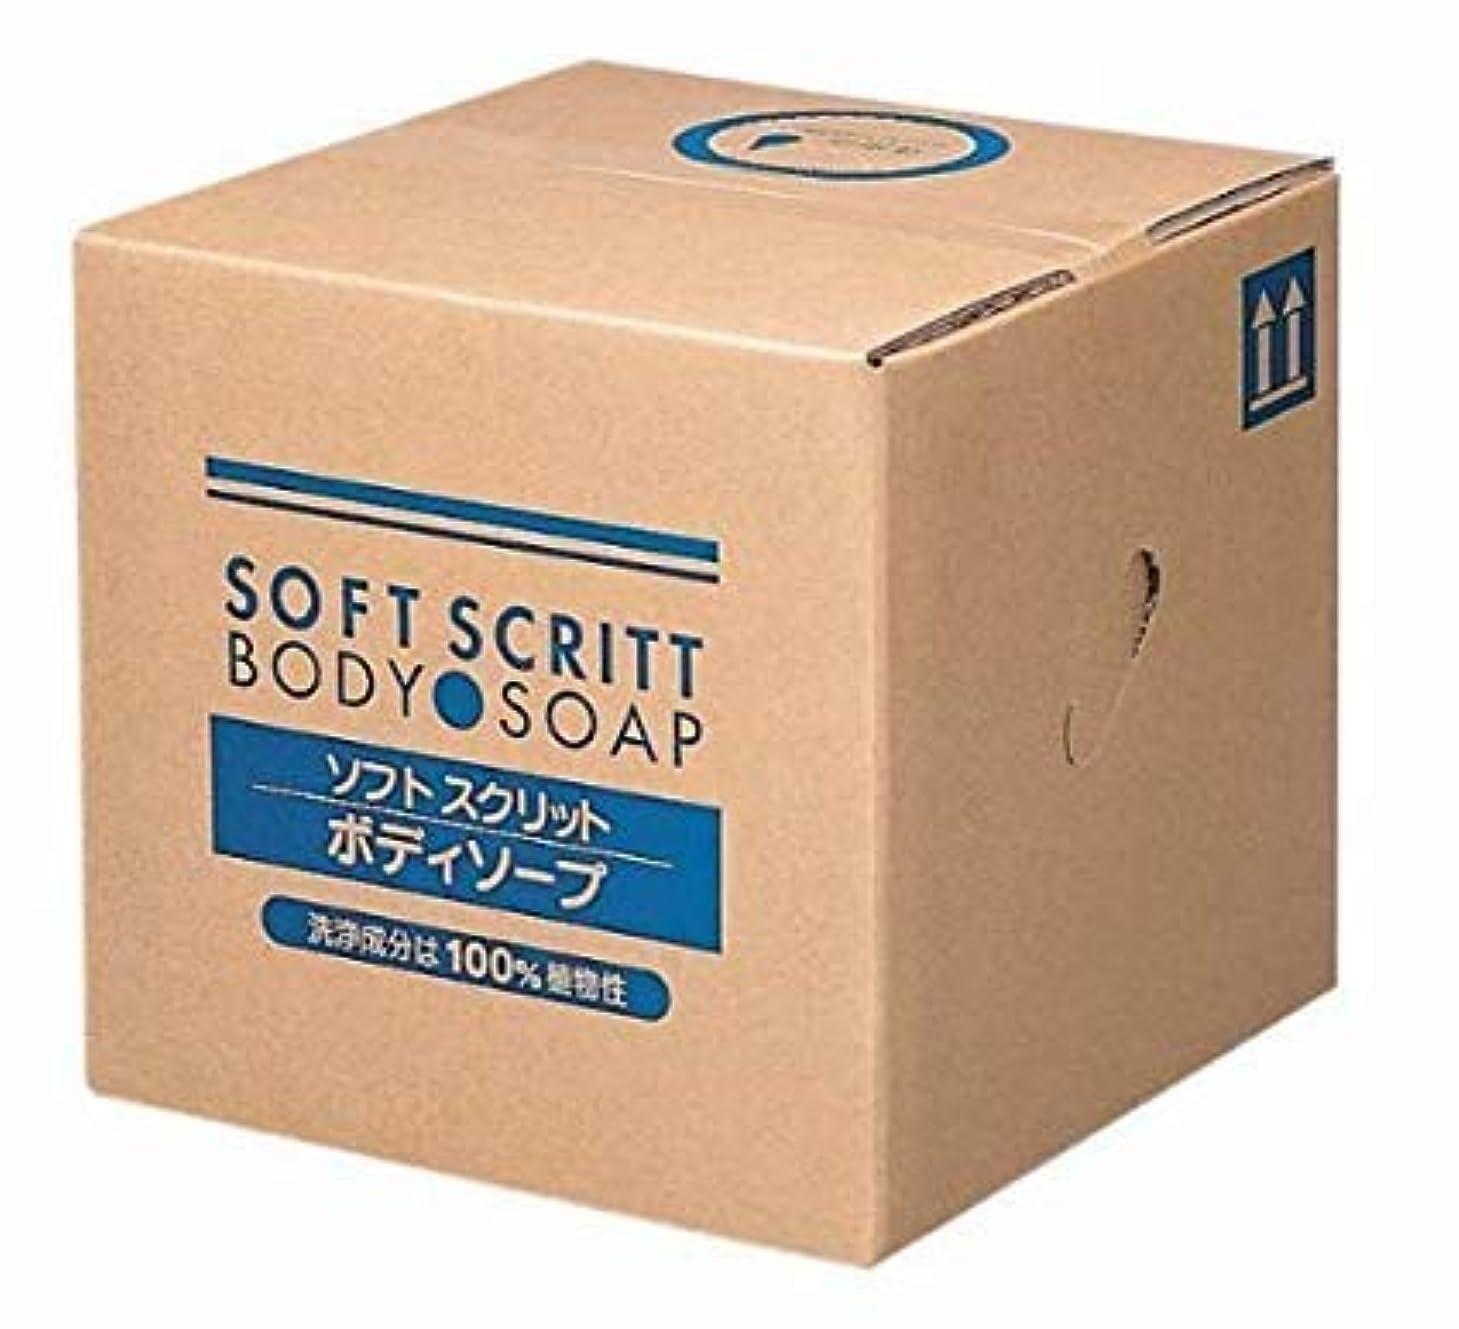 記録マウスピース参照するSOFT SCRITT(ソフトスクリット) ボディソープ 詰替用 18L 4353 (熊野油脂) (清拭小物)